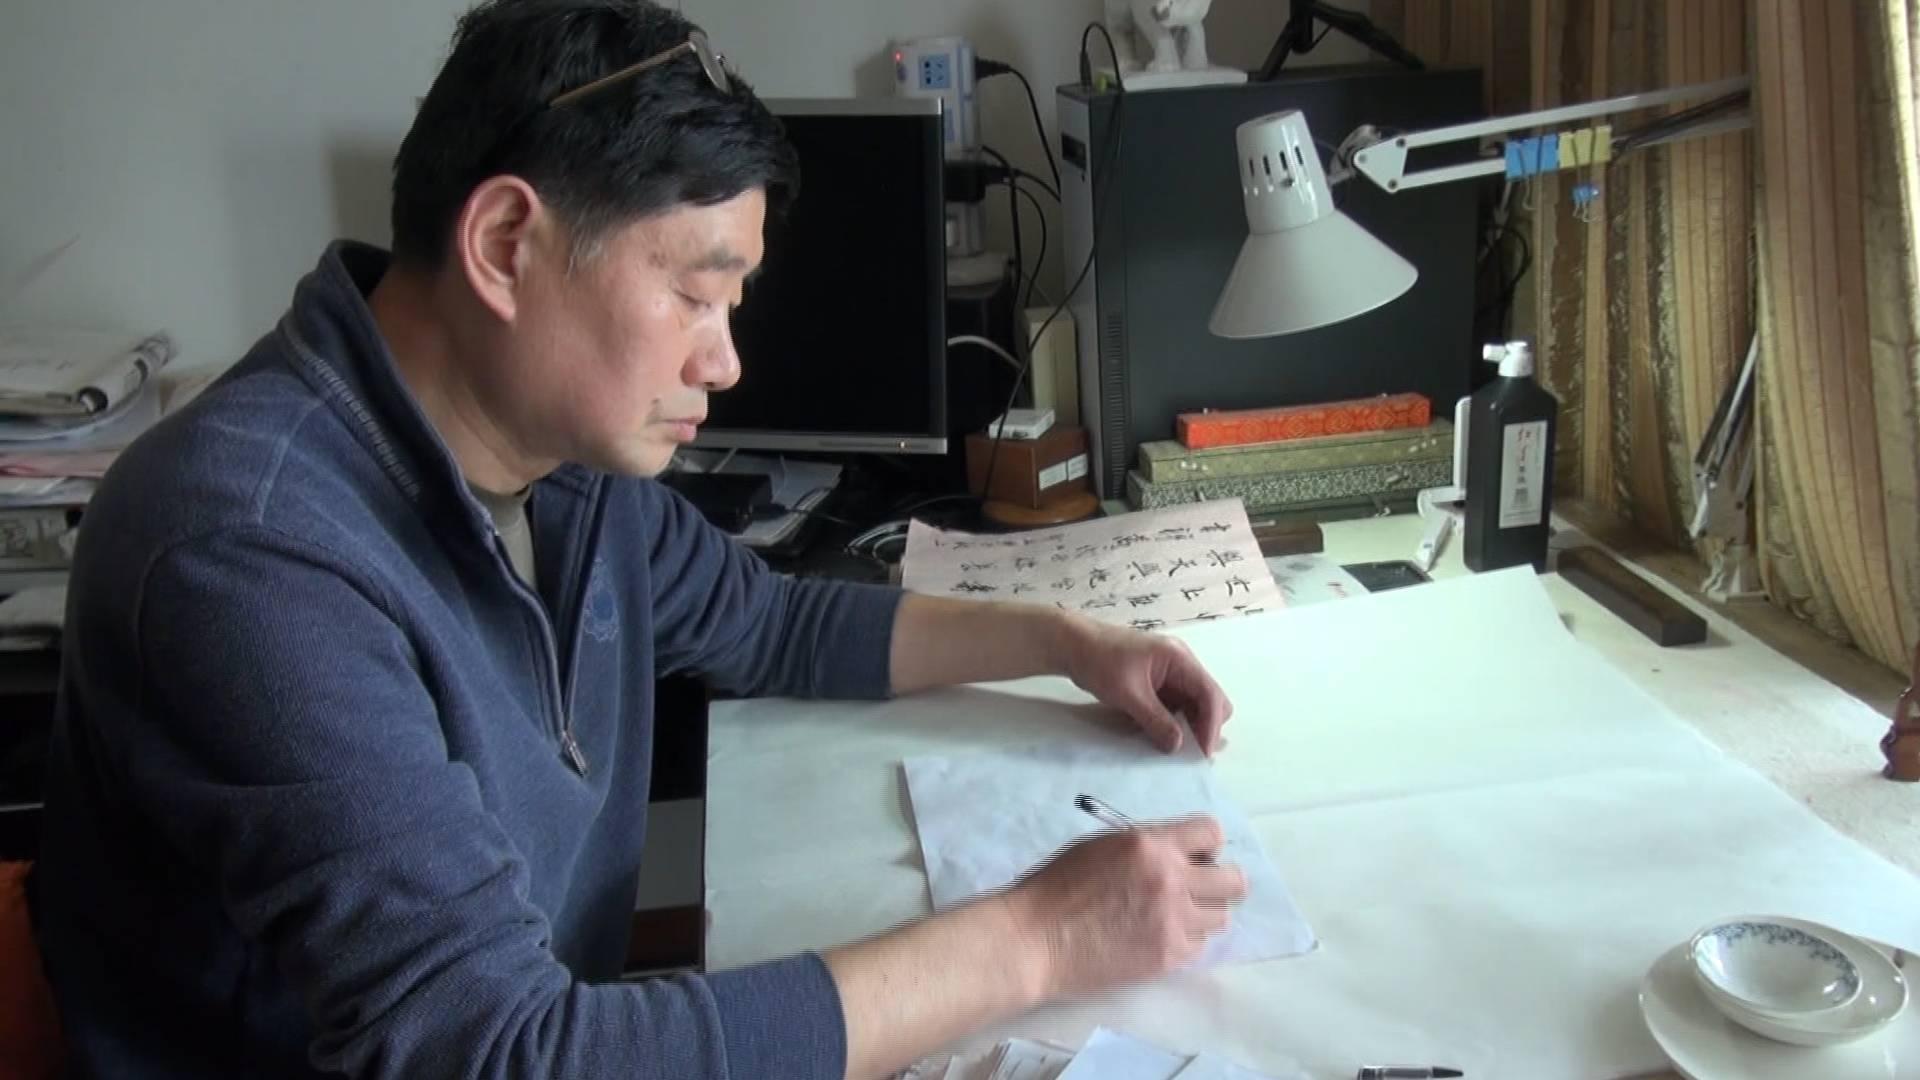 耗时6年绘制《小清河东流图》 济南退休教师绘制上千张手稿复原百年前小清河繁荣景象